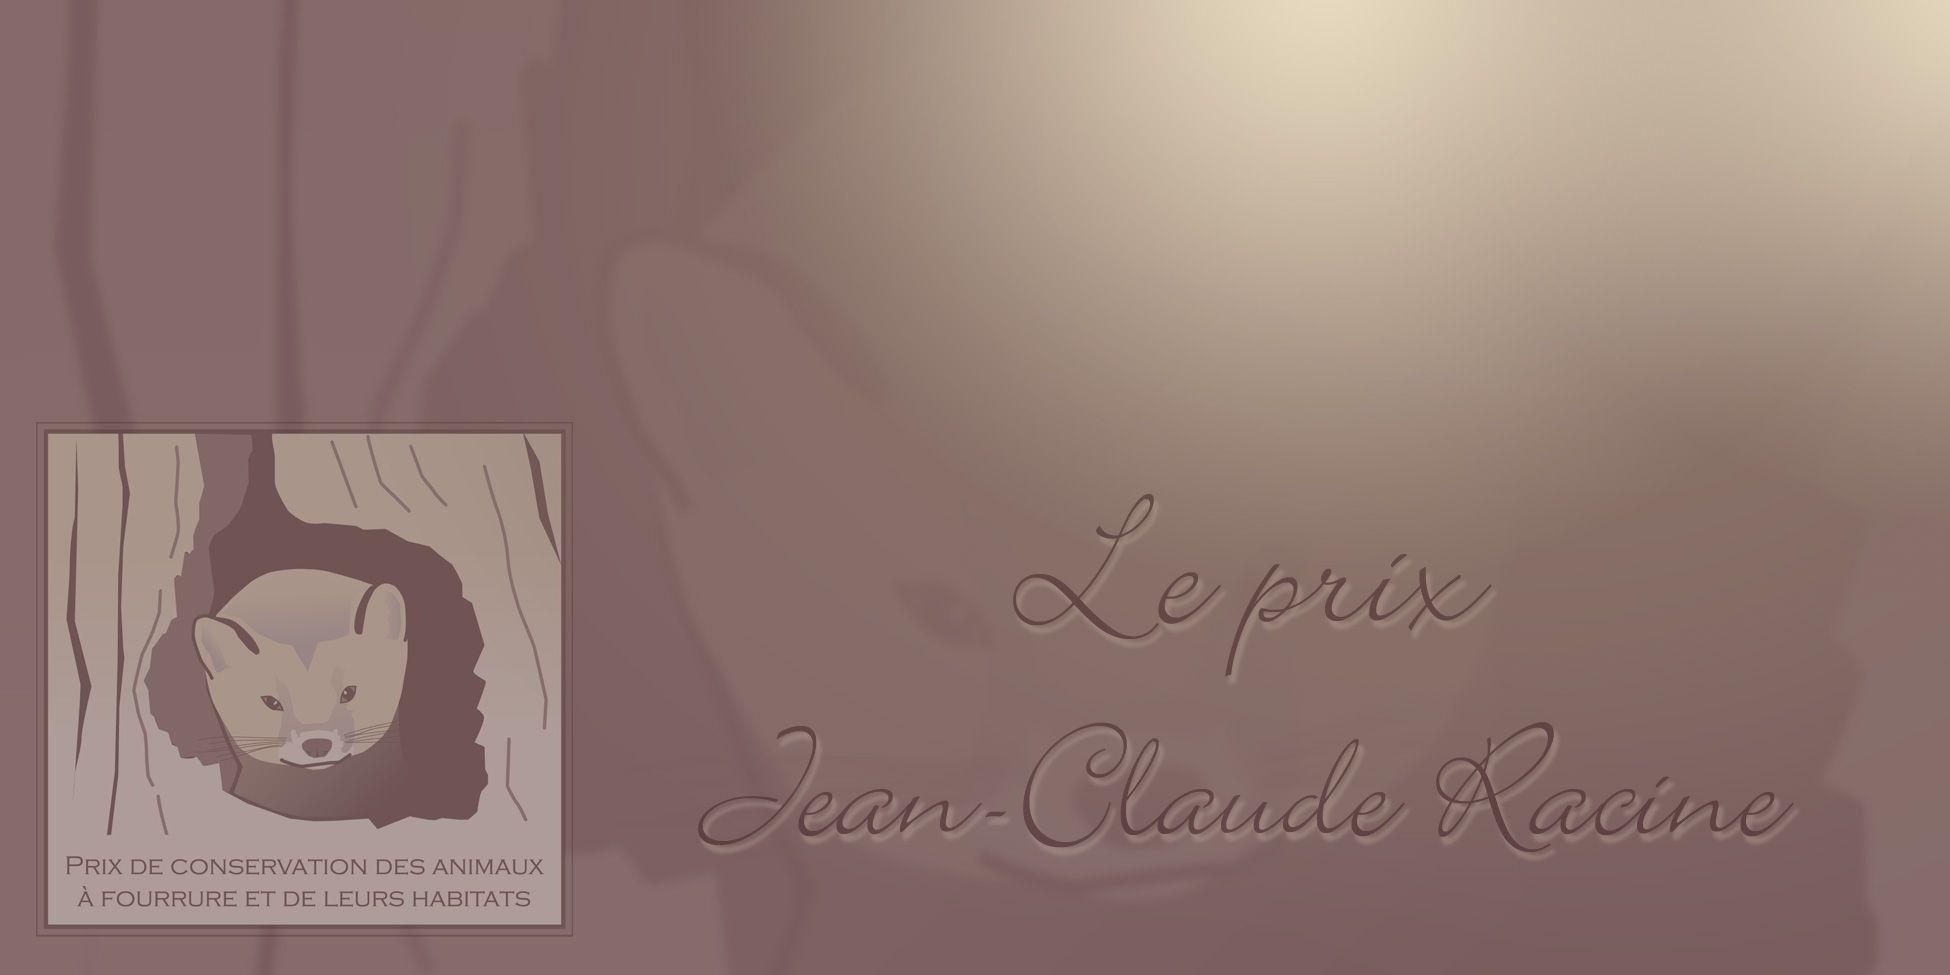 Prix Jean-Claude Racine